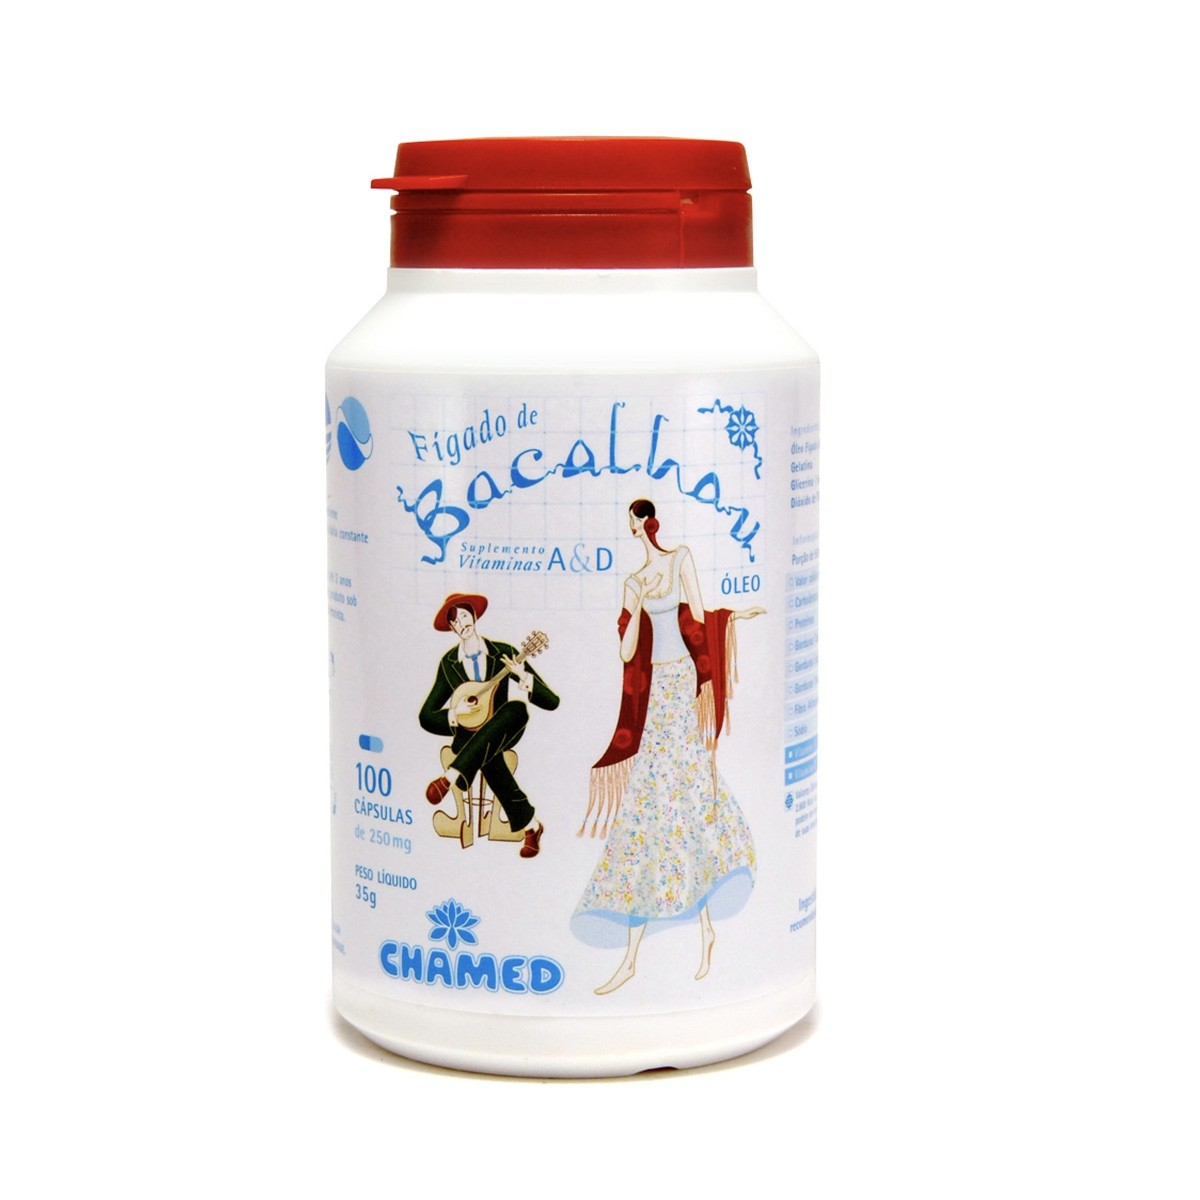 Óleo de Fígado de Bacalhau 250mg 100 Cápsulas - Chamel